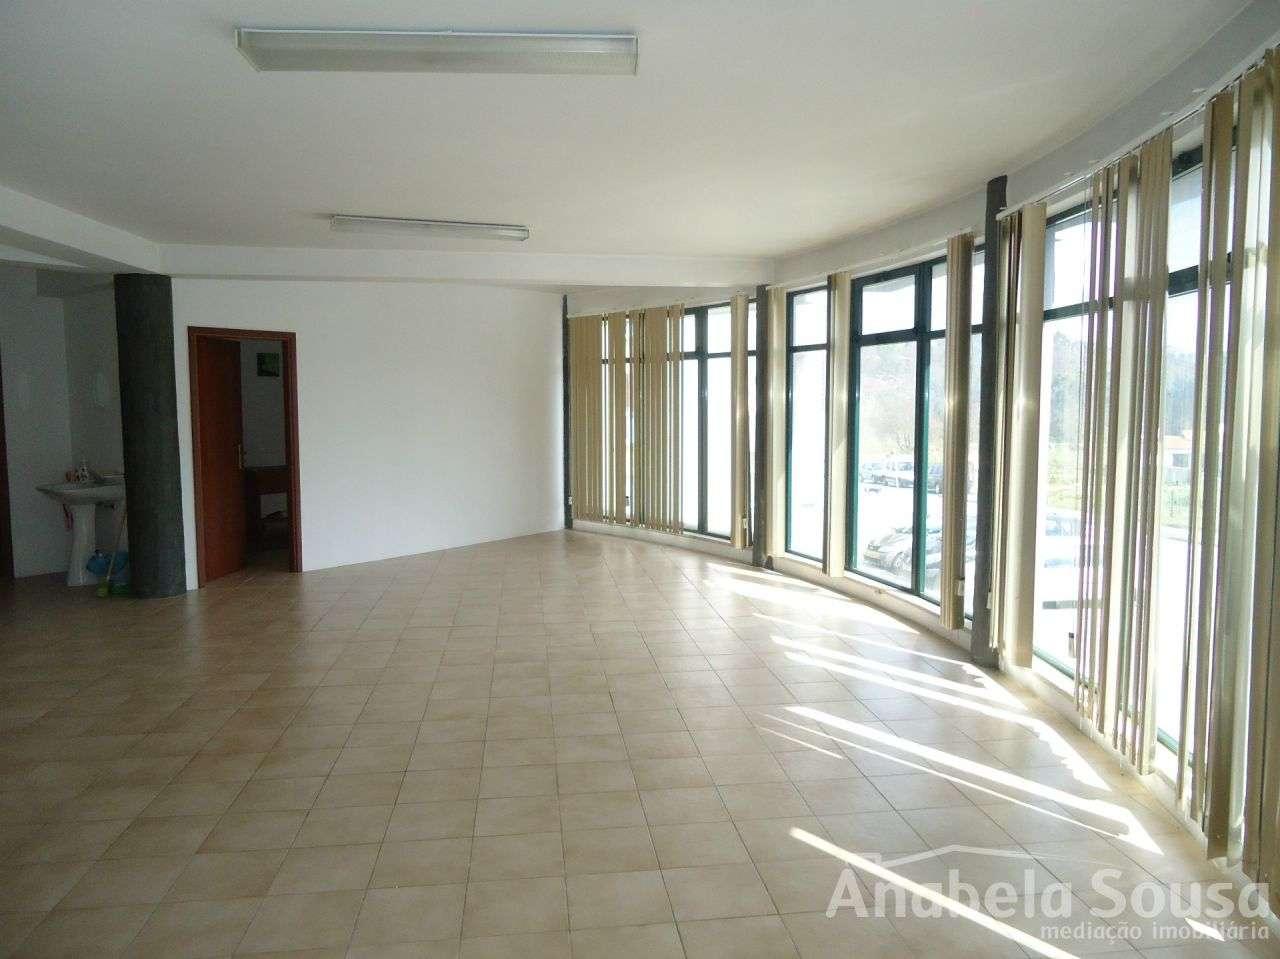 Escritório para arrendar, Oliveira de Frades, Souto de Lafões e Sejães, Oliveira de Frades, Viseu - Foto 1